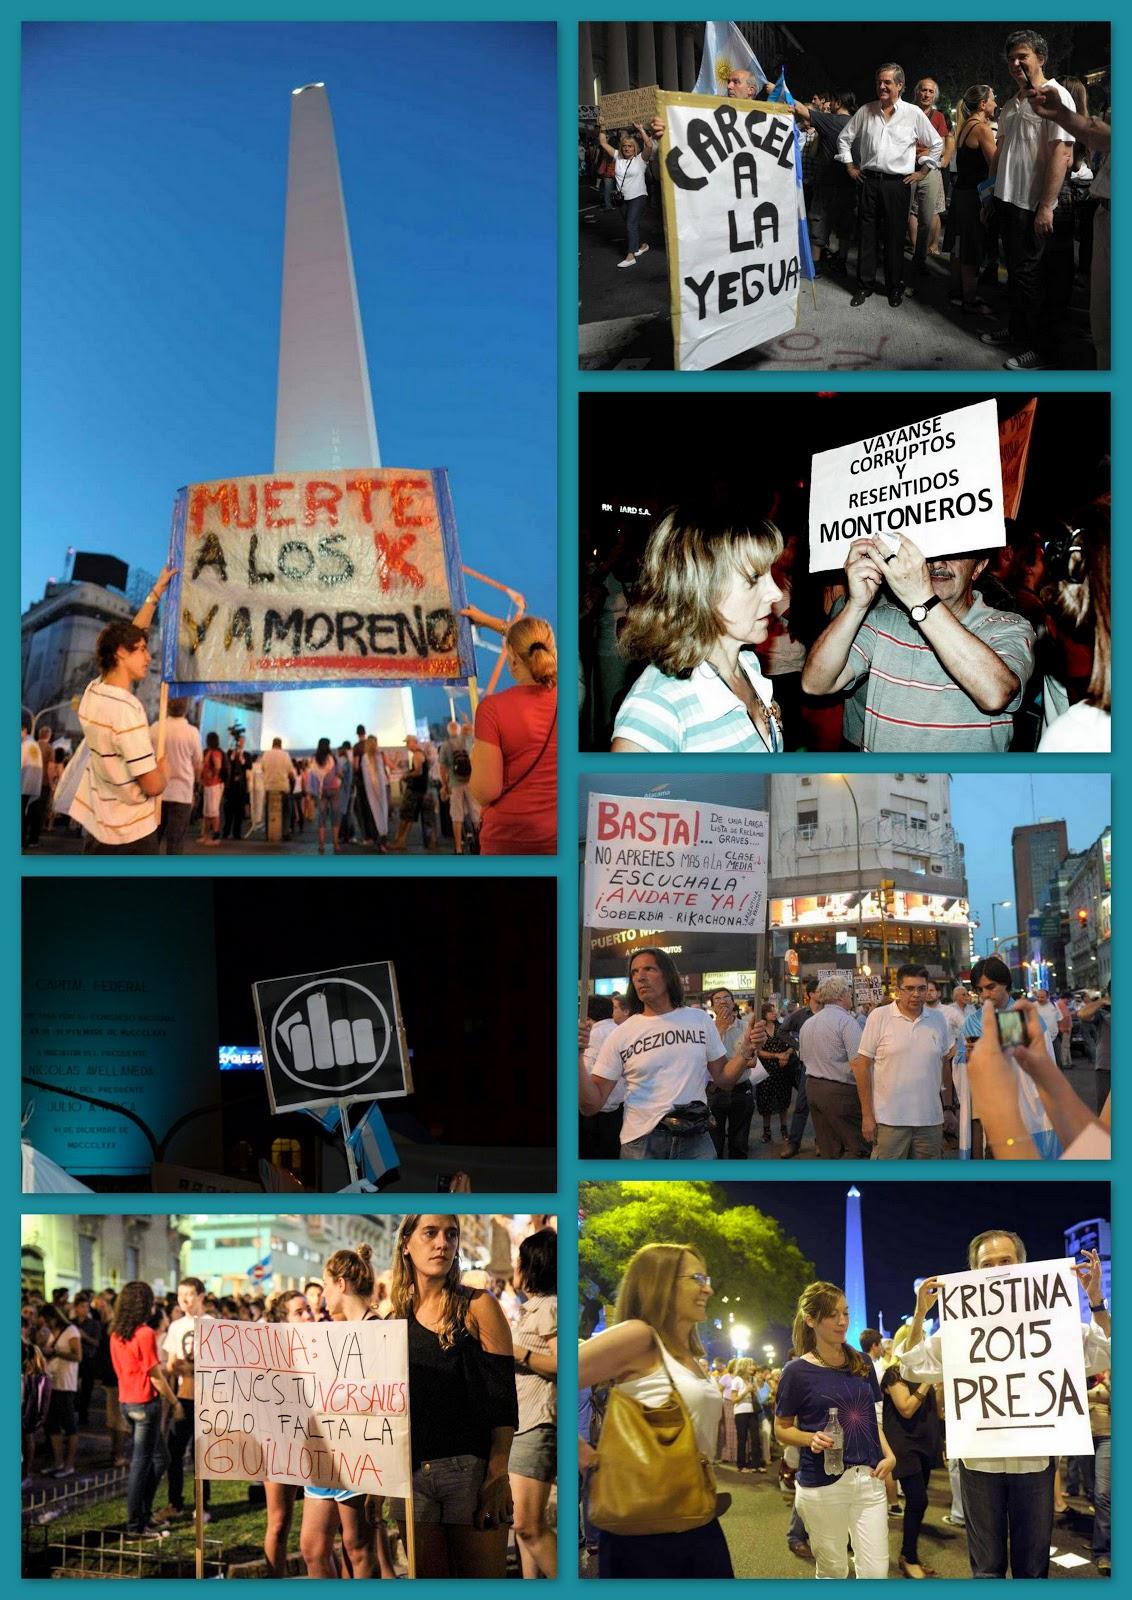 http://3.bp.blogspot.com/-ONf_PM_b9JQ/UJ7EGBu2MsI/AAAAAAAAQXQ/H2P7jsbAIgY/s1600/IMAGENES+DEL+8N-+A+PESAR+DE+LAS+INDICACIONES,+LOS+MANIFESTANTES+MOSTRARON+SU+HOSTILIDAD++(FOTOS+CARLOS+BRIGO,+SI+EL+PUCHI+SE+MUERE+y+OTROS)-002.jpg